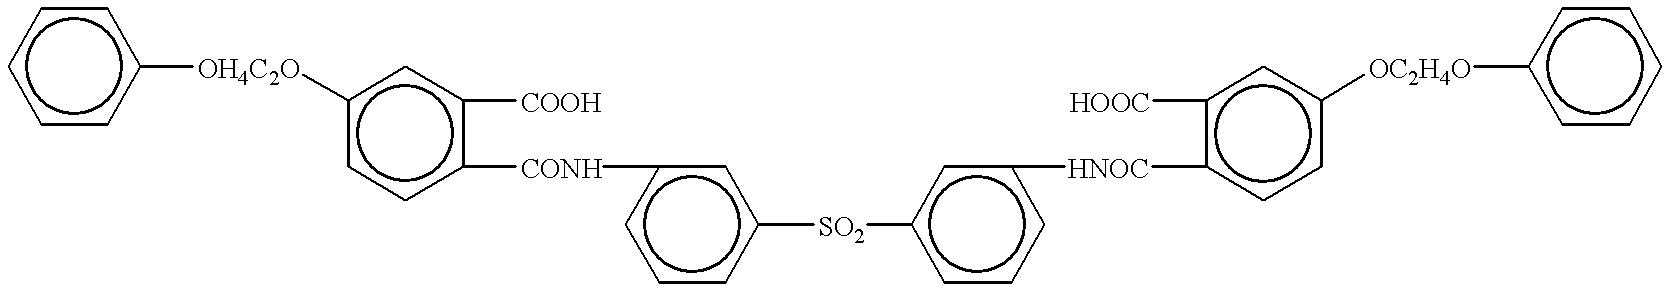 Figure US06180560-20010130-C00523